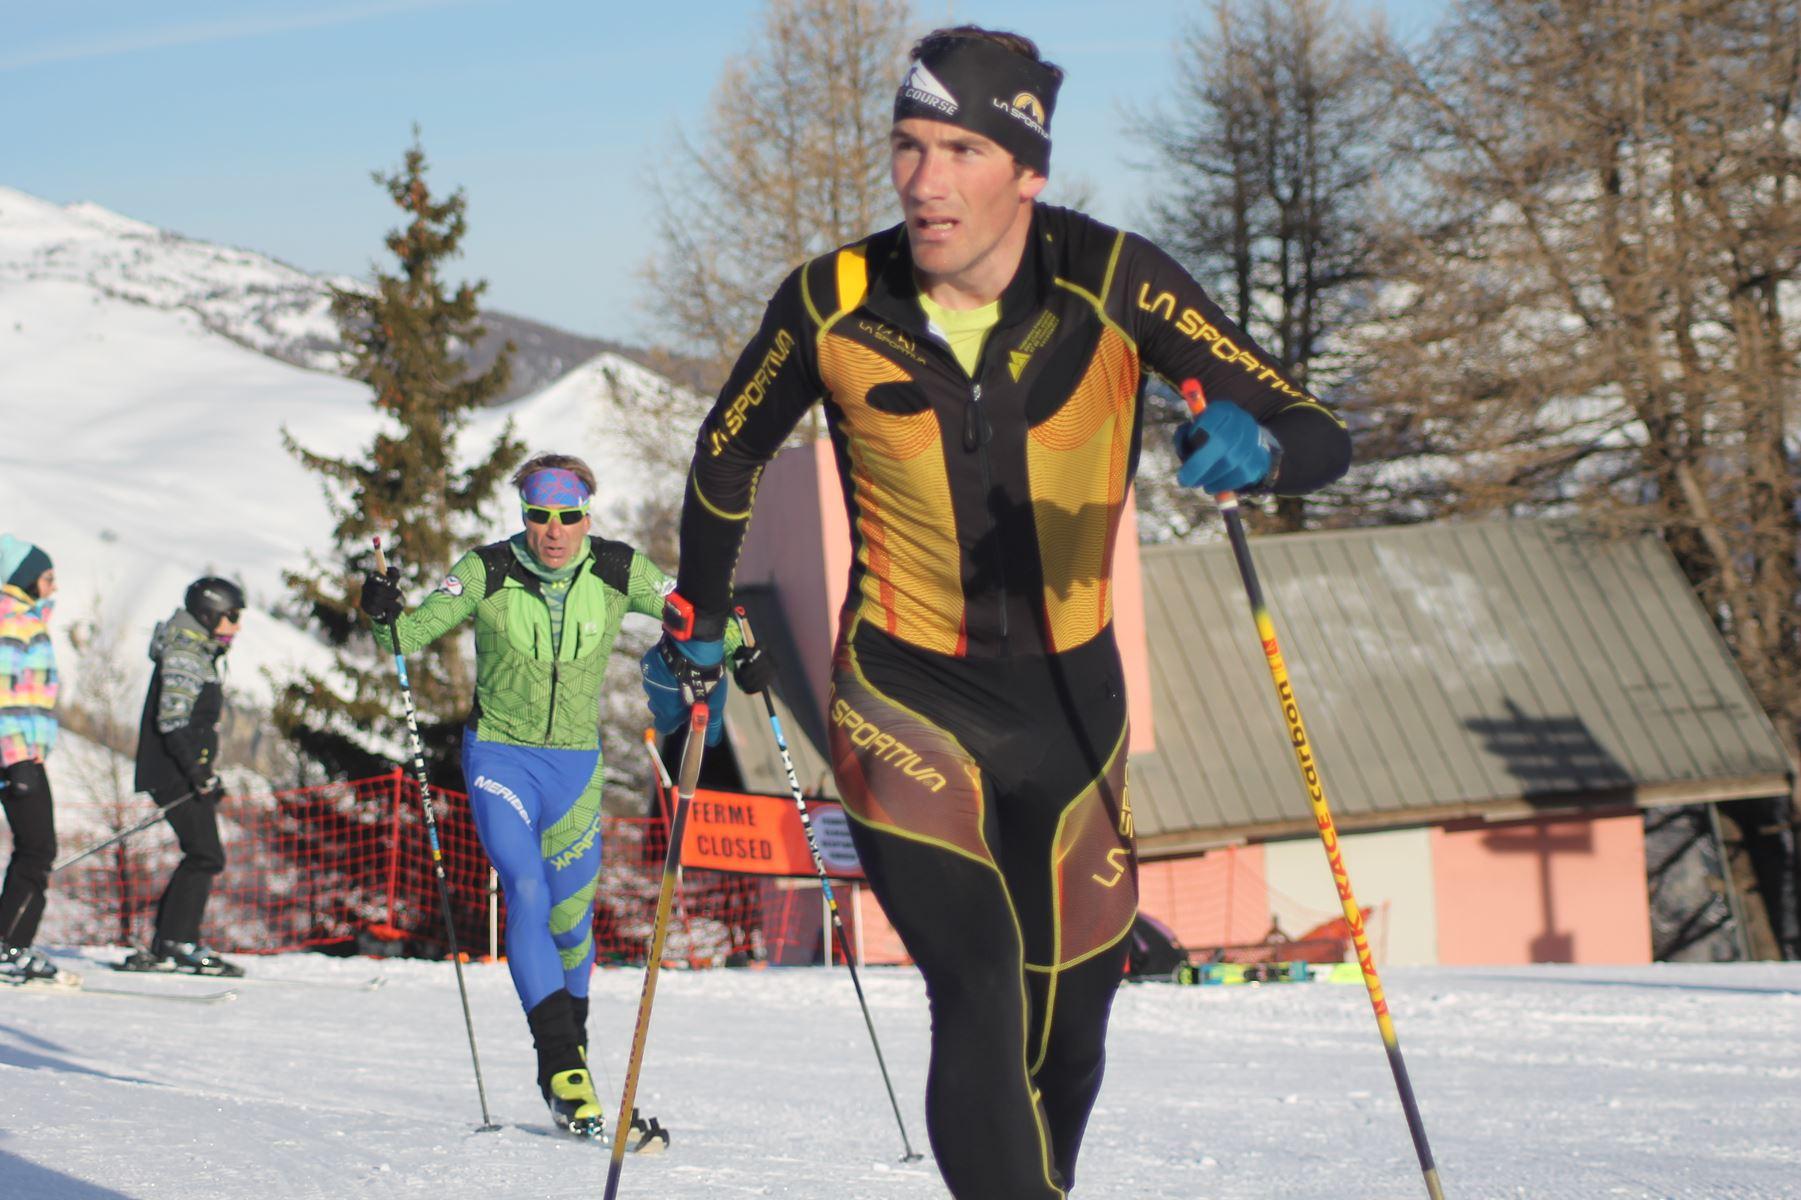 Florian Sautel 2ème 1 - Résultats de la 3ème édition du Valloire Dynafit Vertical (ski alpi) 04/01/2020